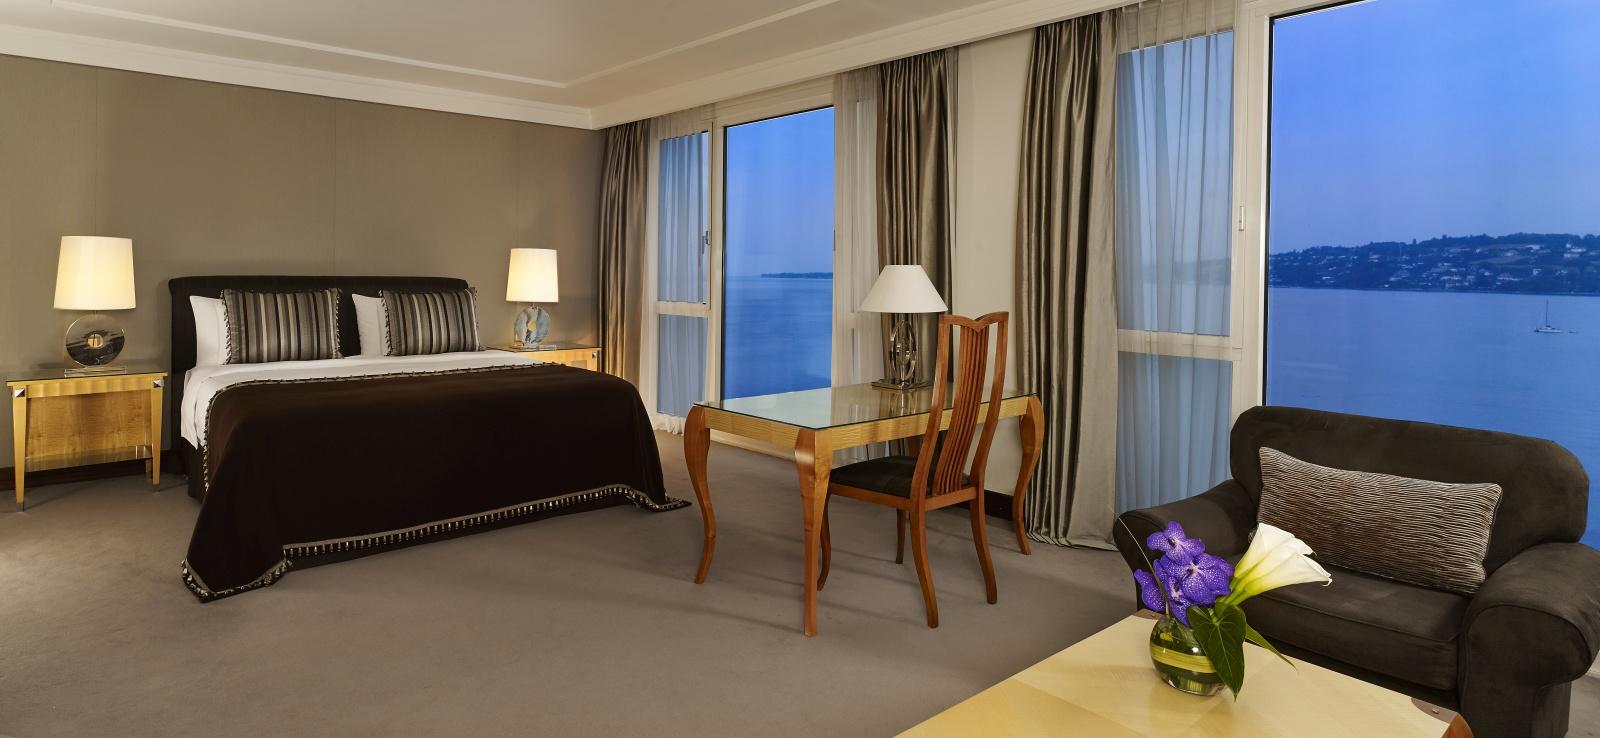 Hotel president wilson geneva splendid views on lake geneva for Hotel president wilson royal suite